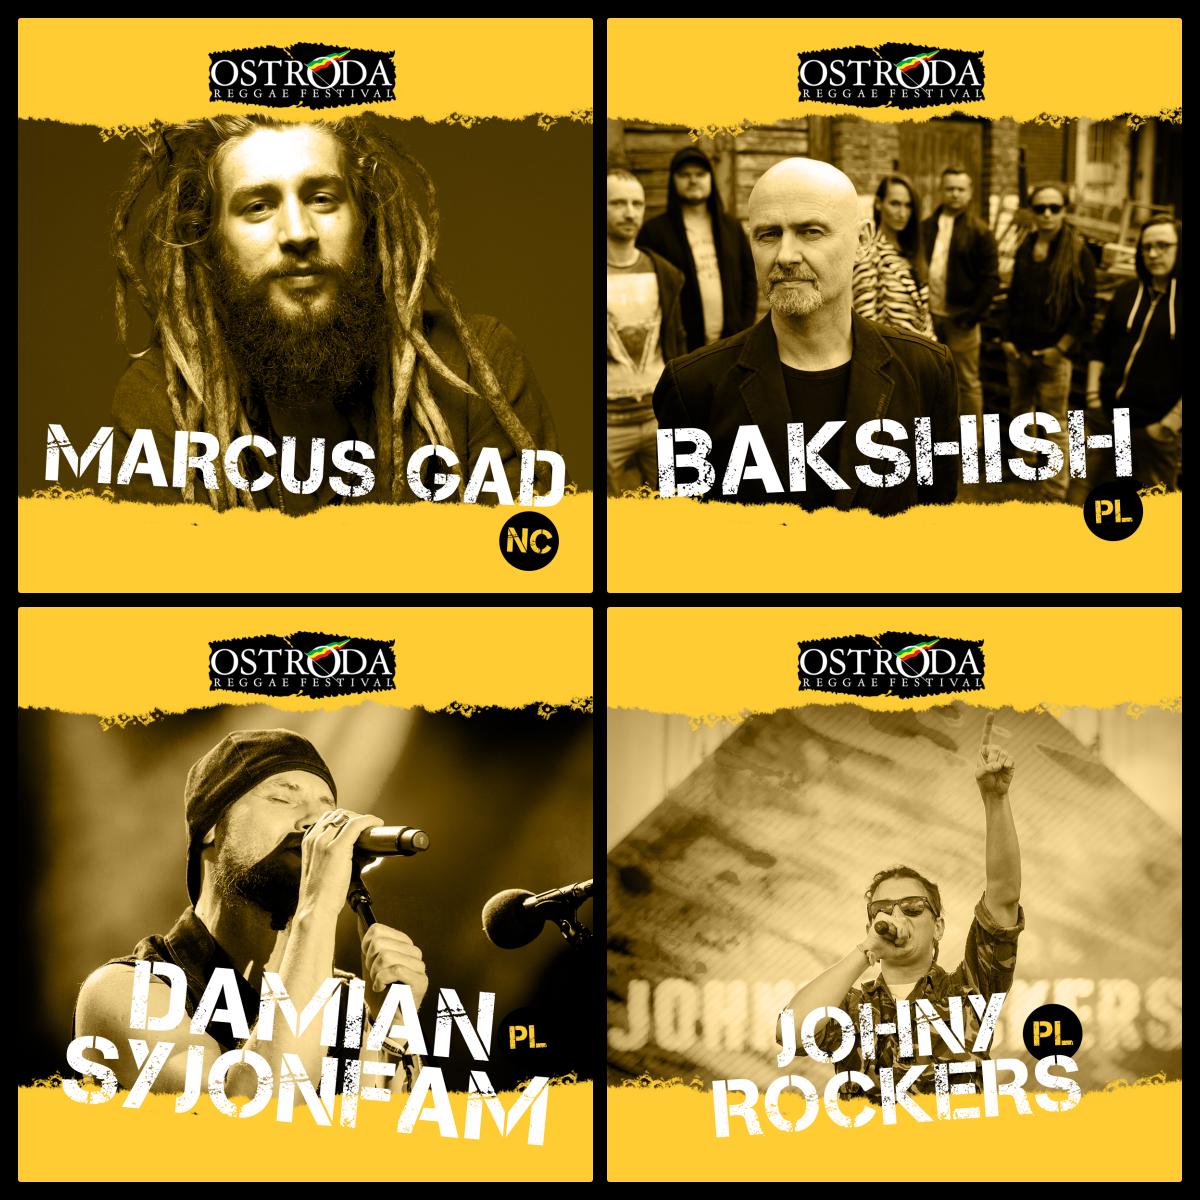 Marcus Gad i kolejni polscy artyści, finał Czwórka Reggae Contest